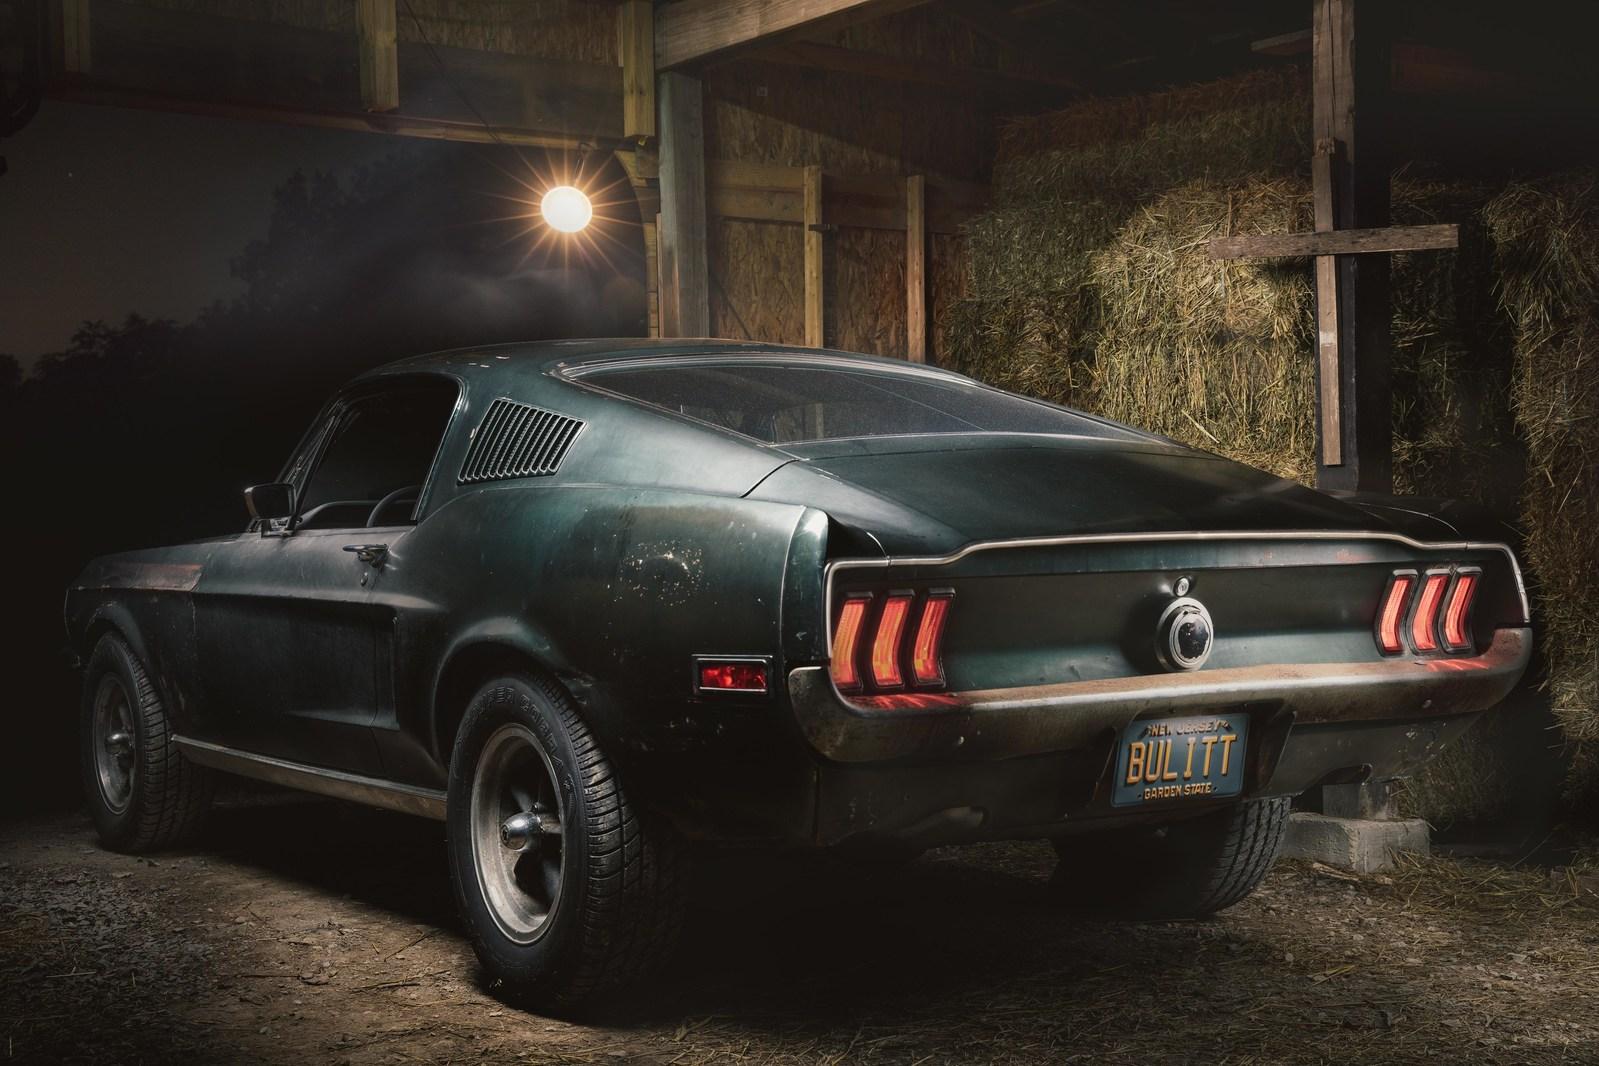 Original 1968 Mustang '559 from movie Bullitt